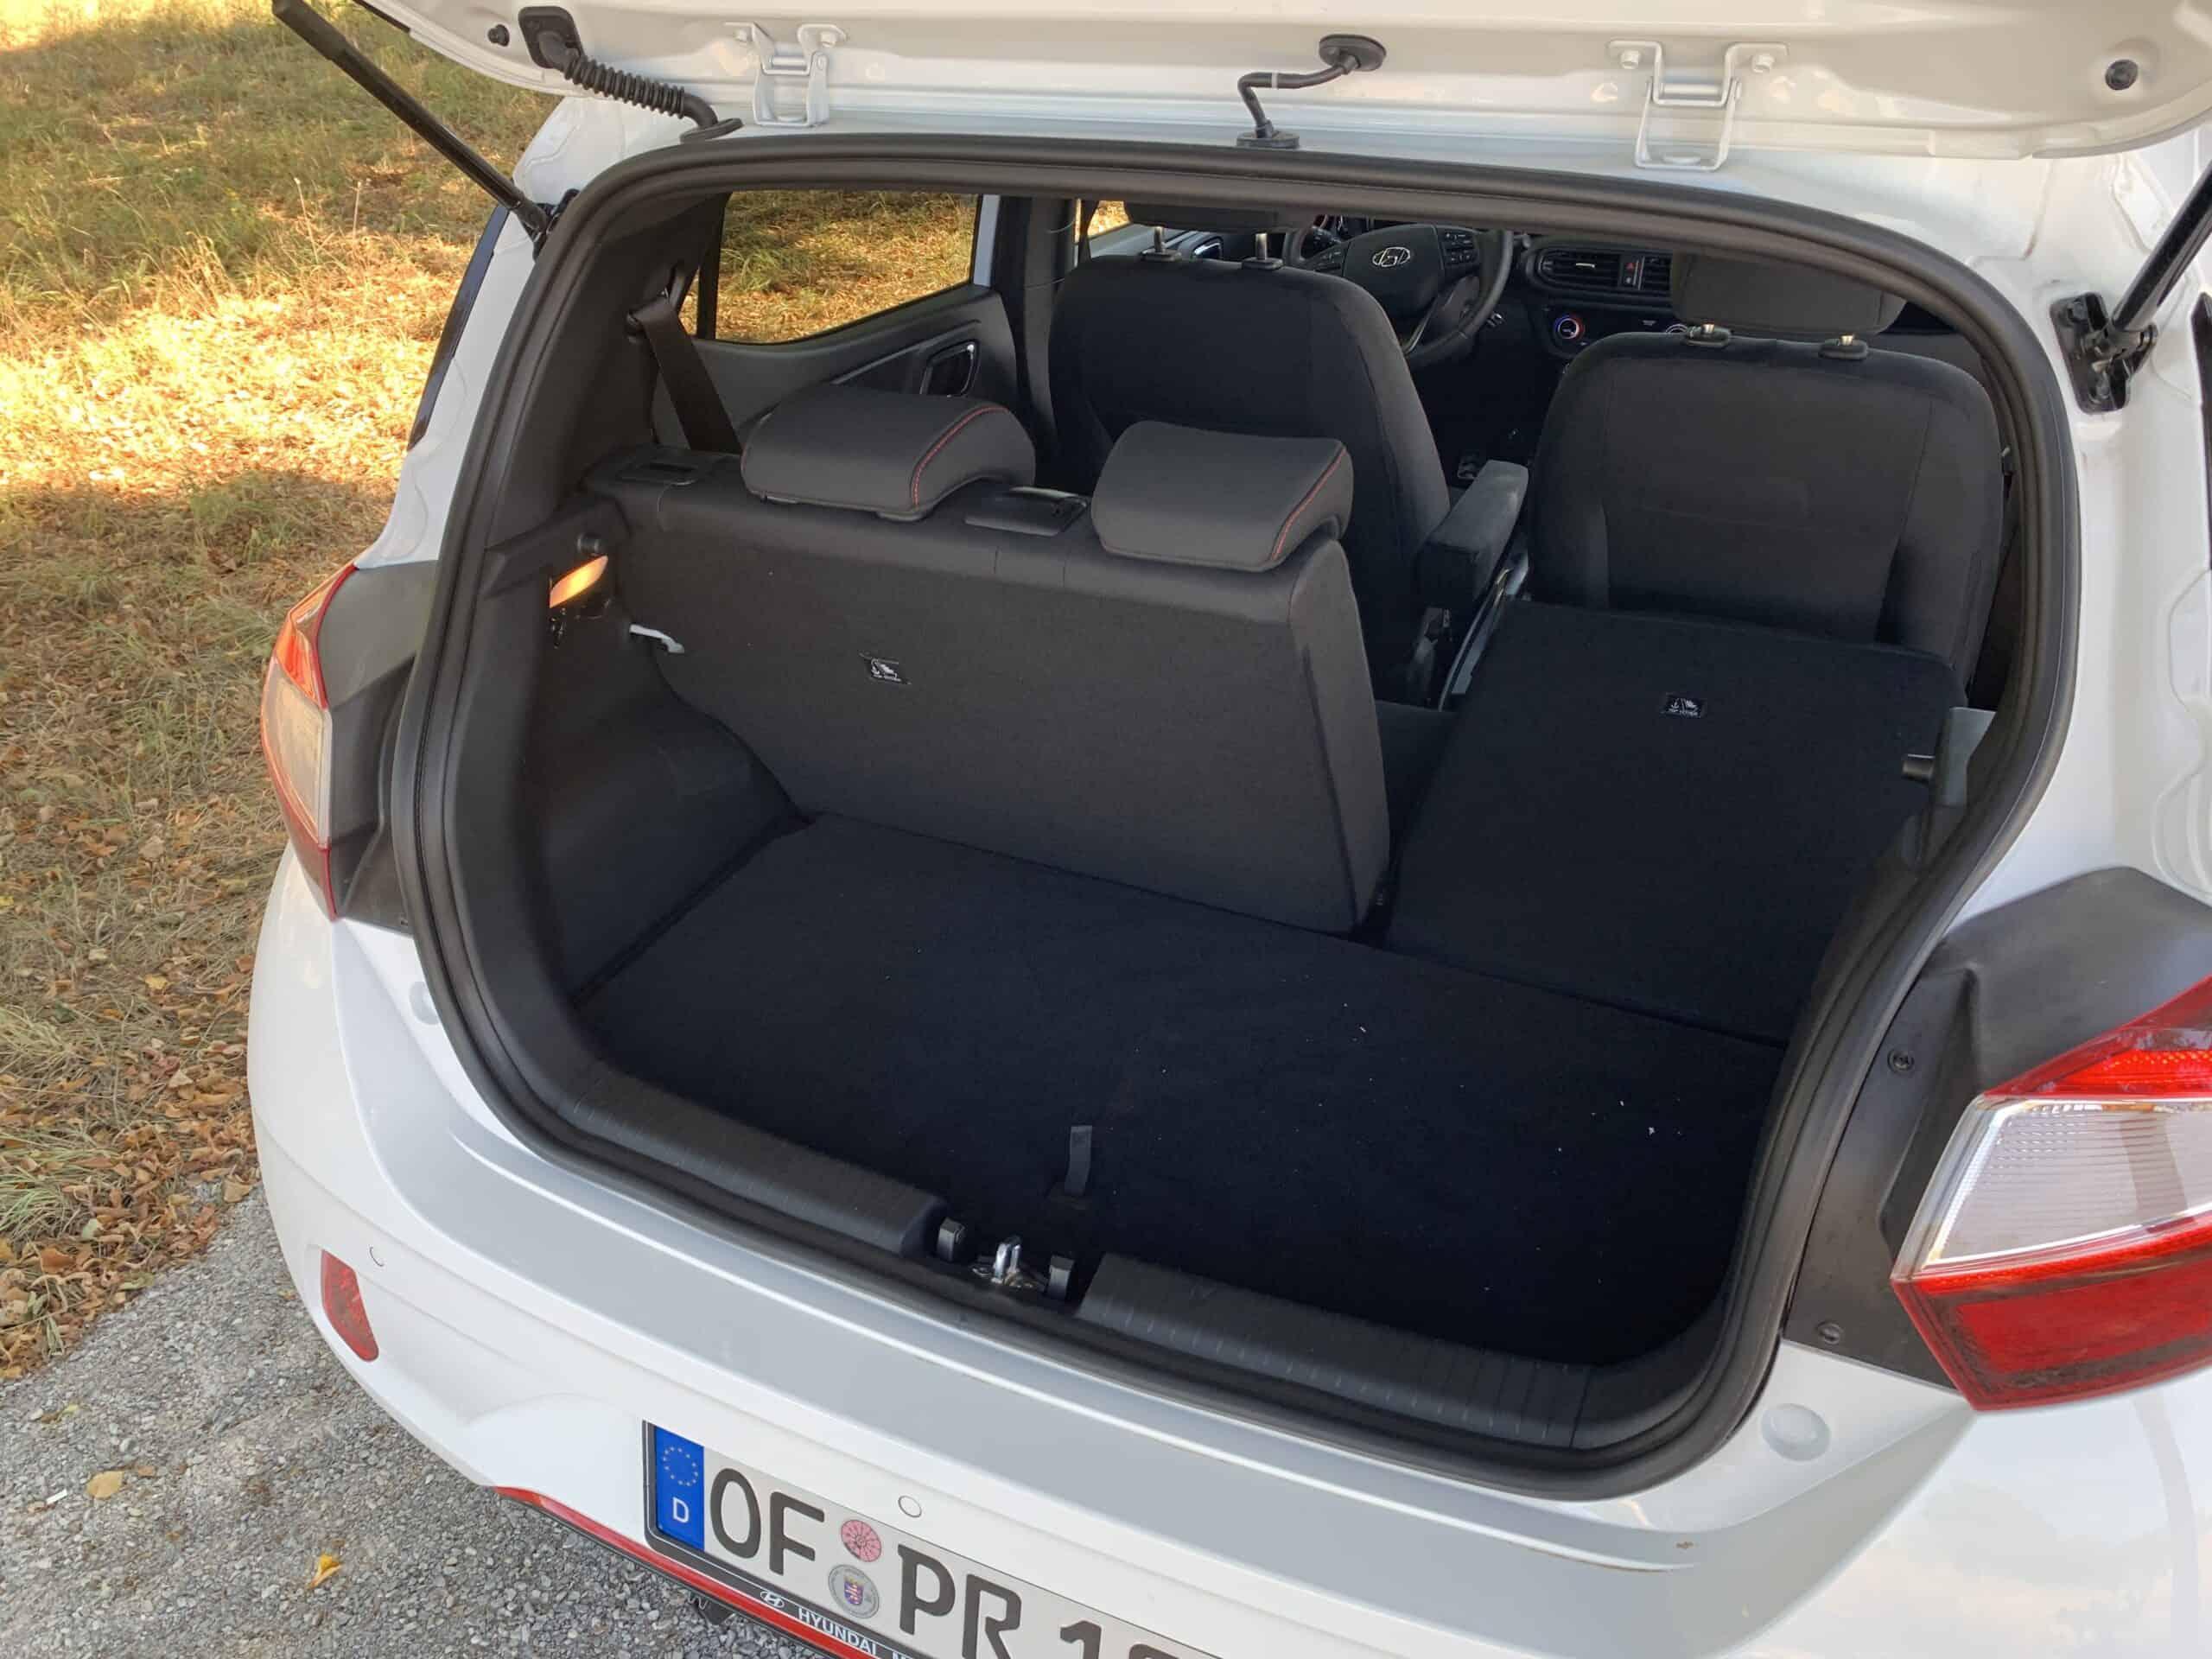 2020 Hyundai i10 N-Line (100 PS) - Ratio trifft sportliche Schönheit, Kofferraum